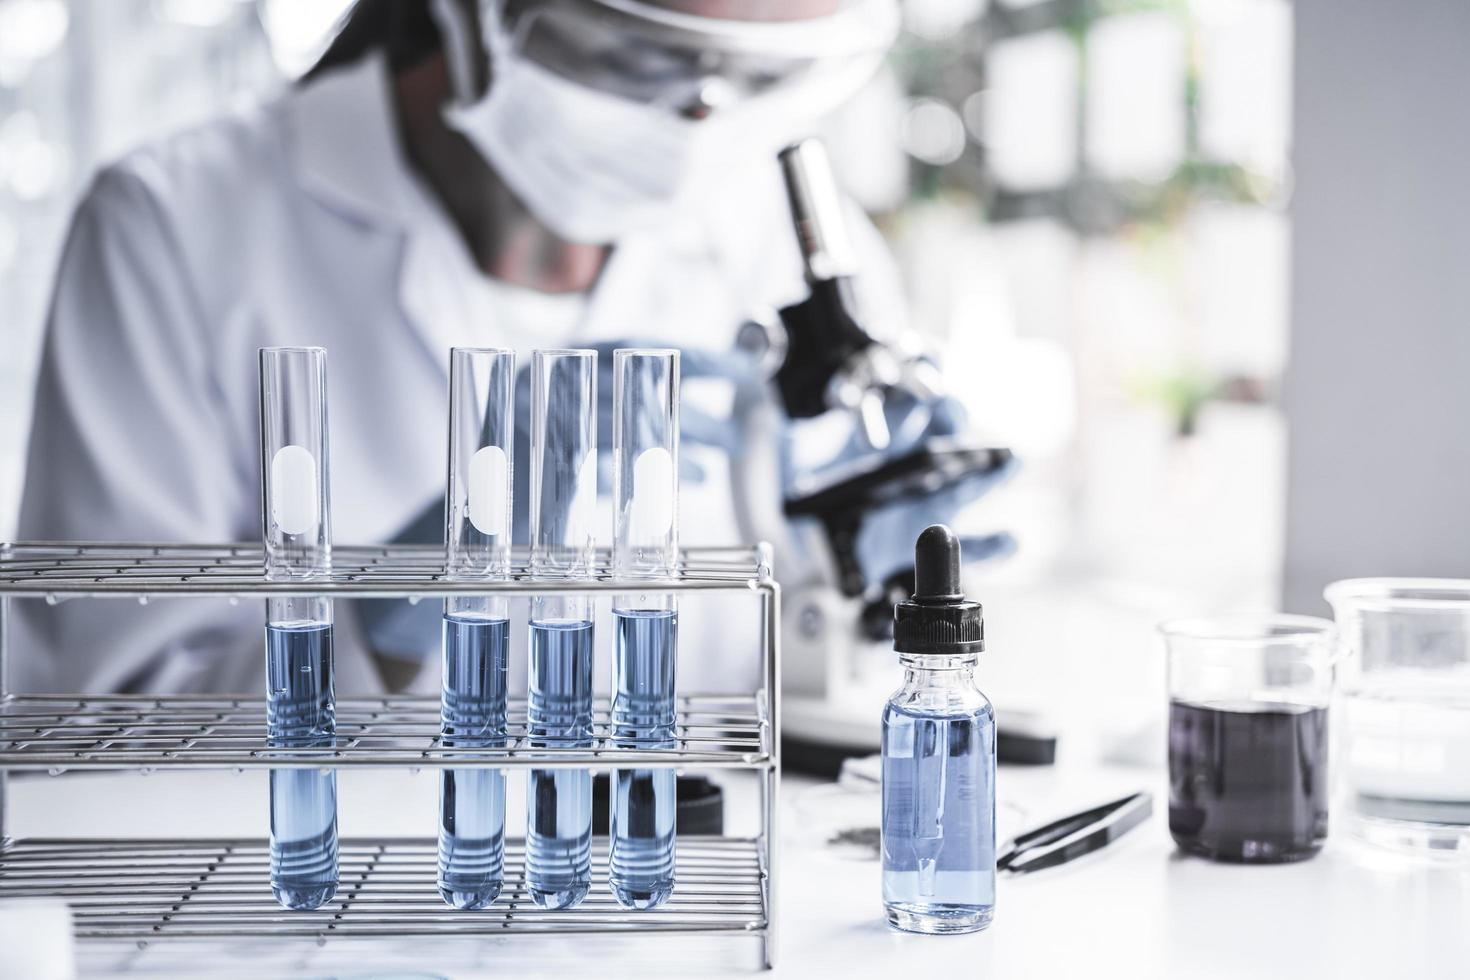 chimiste analyse un échantillon en laboratoire photo